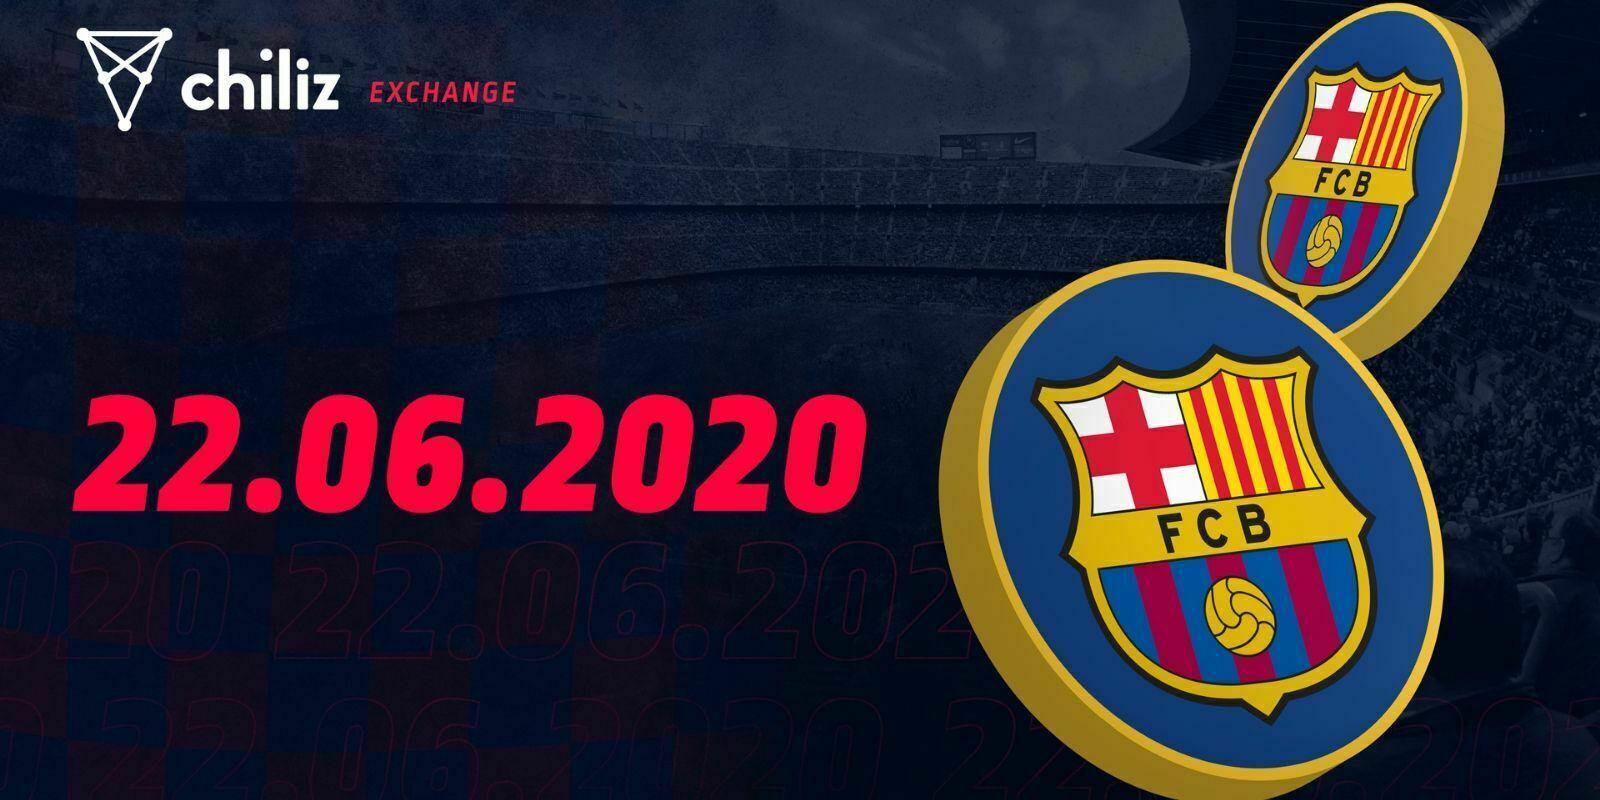 Chiliz offrira les fans tokens du FC Barcelone en vente flash dès lundi